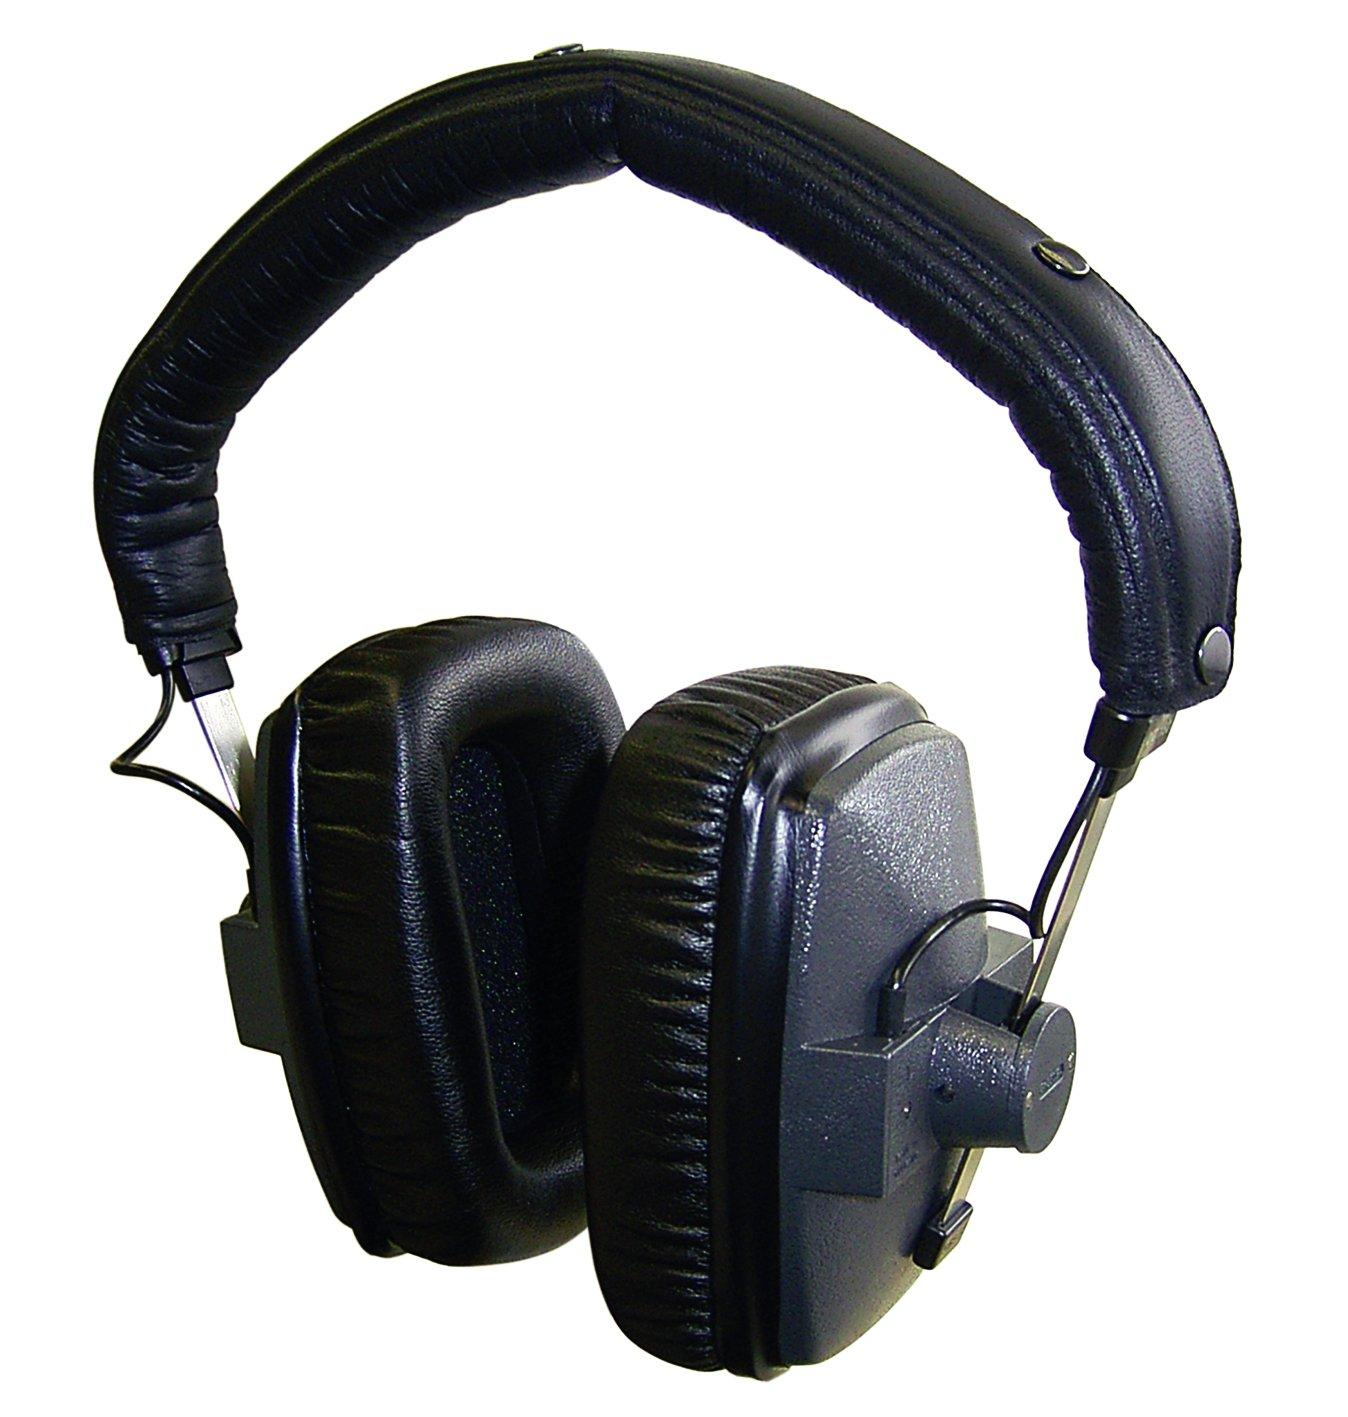 【国内正規品】beyerdynamic 密閉型プロフェッショナルモニターヘッドホン DT 150   B00H91P48G